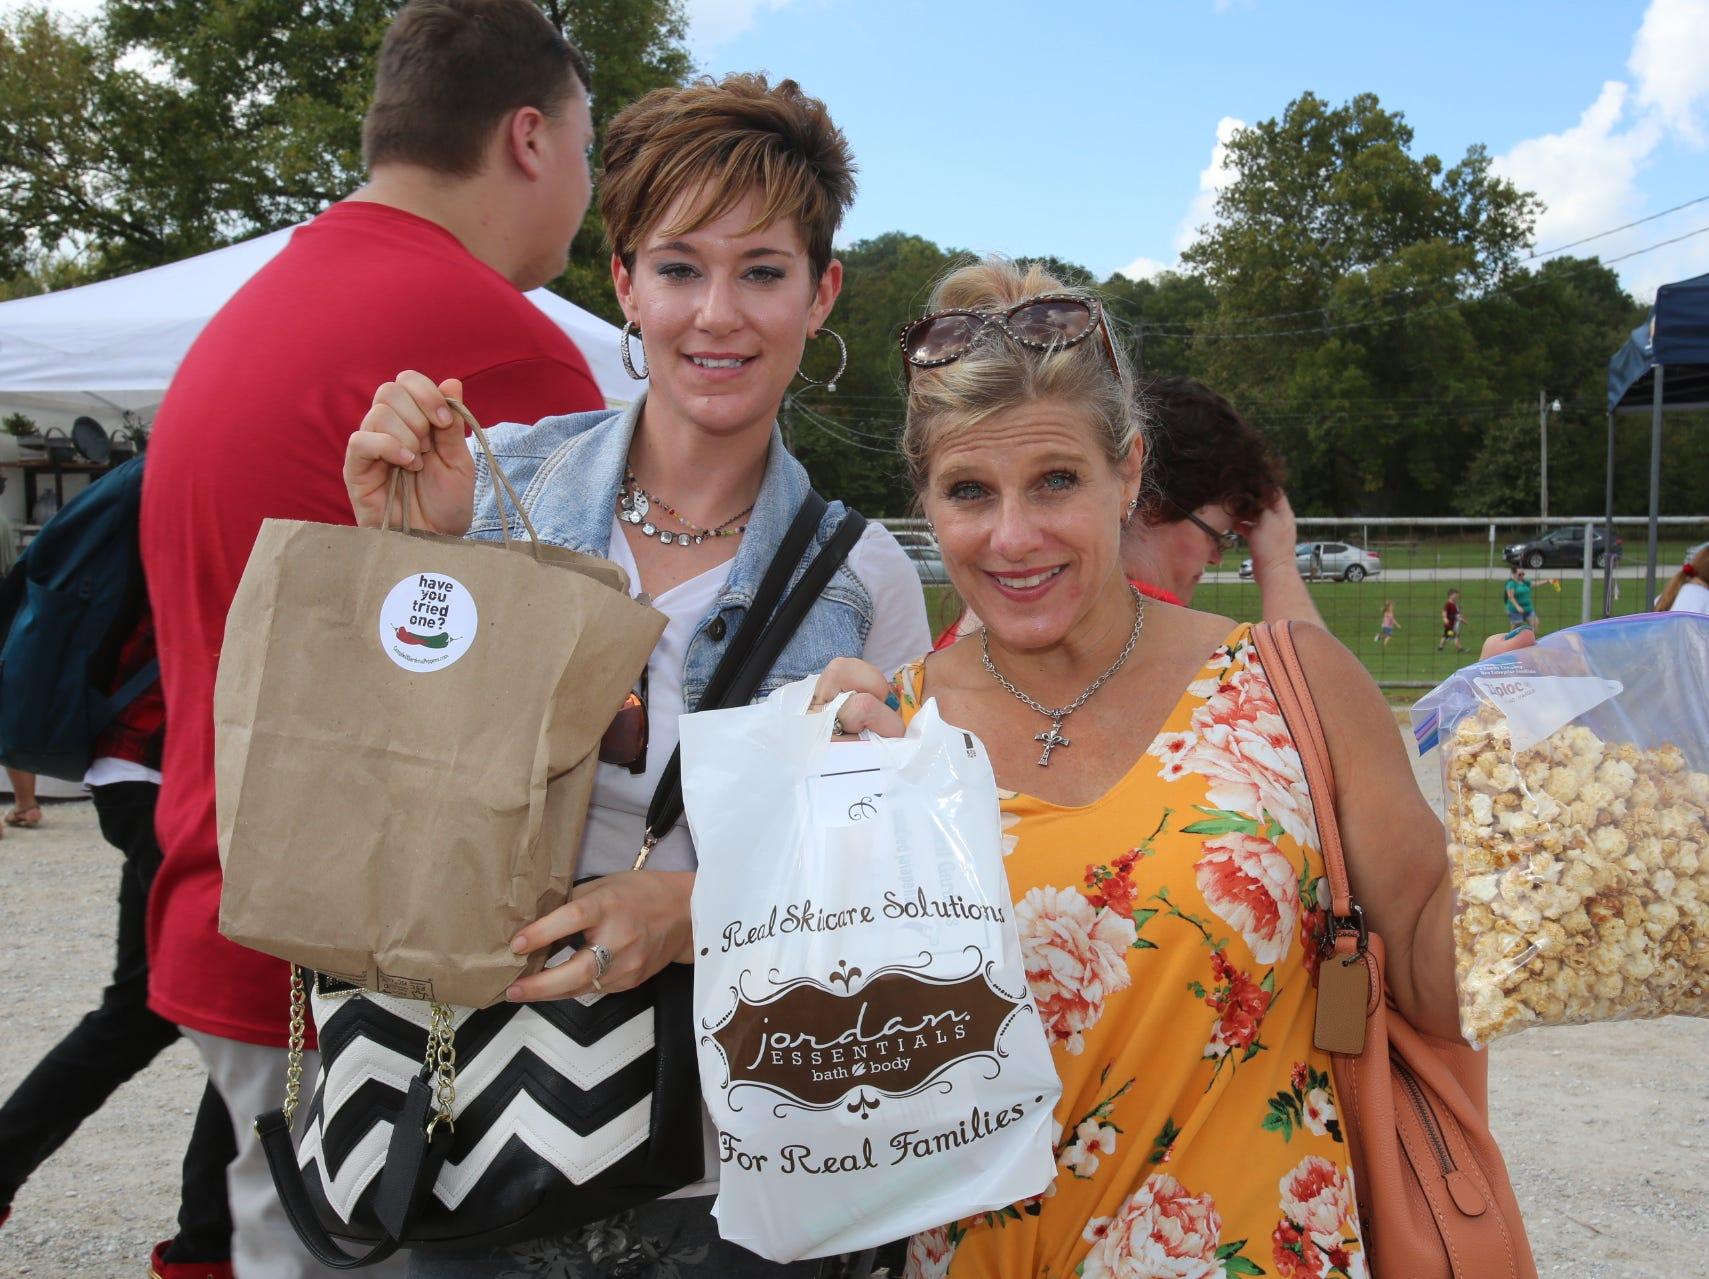 Cassandra Ware and Jeri Davis